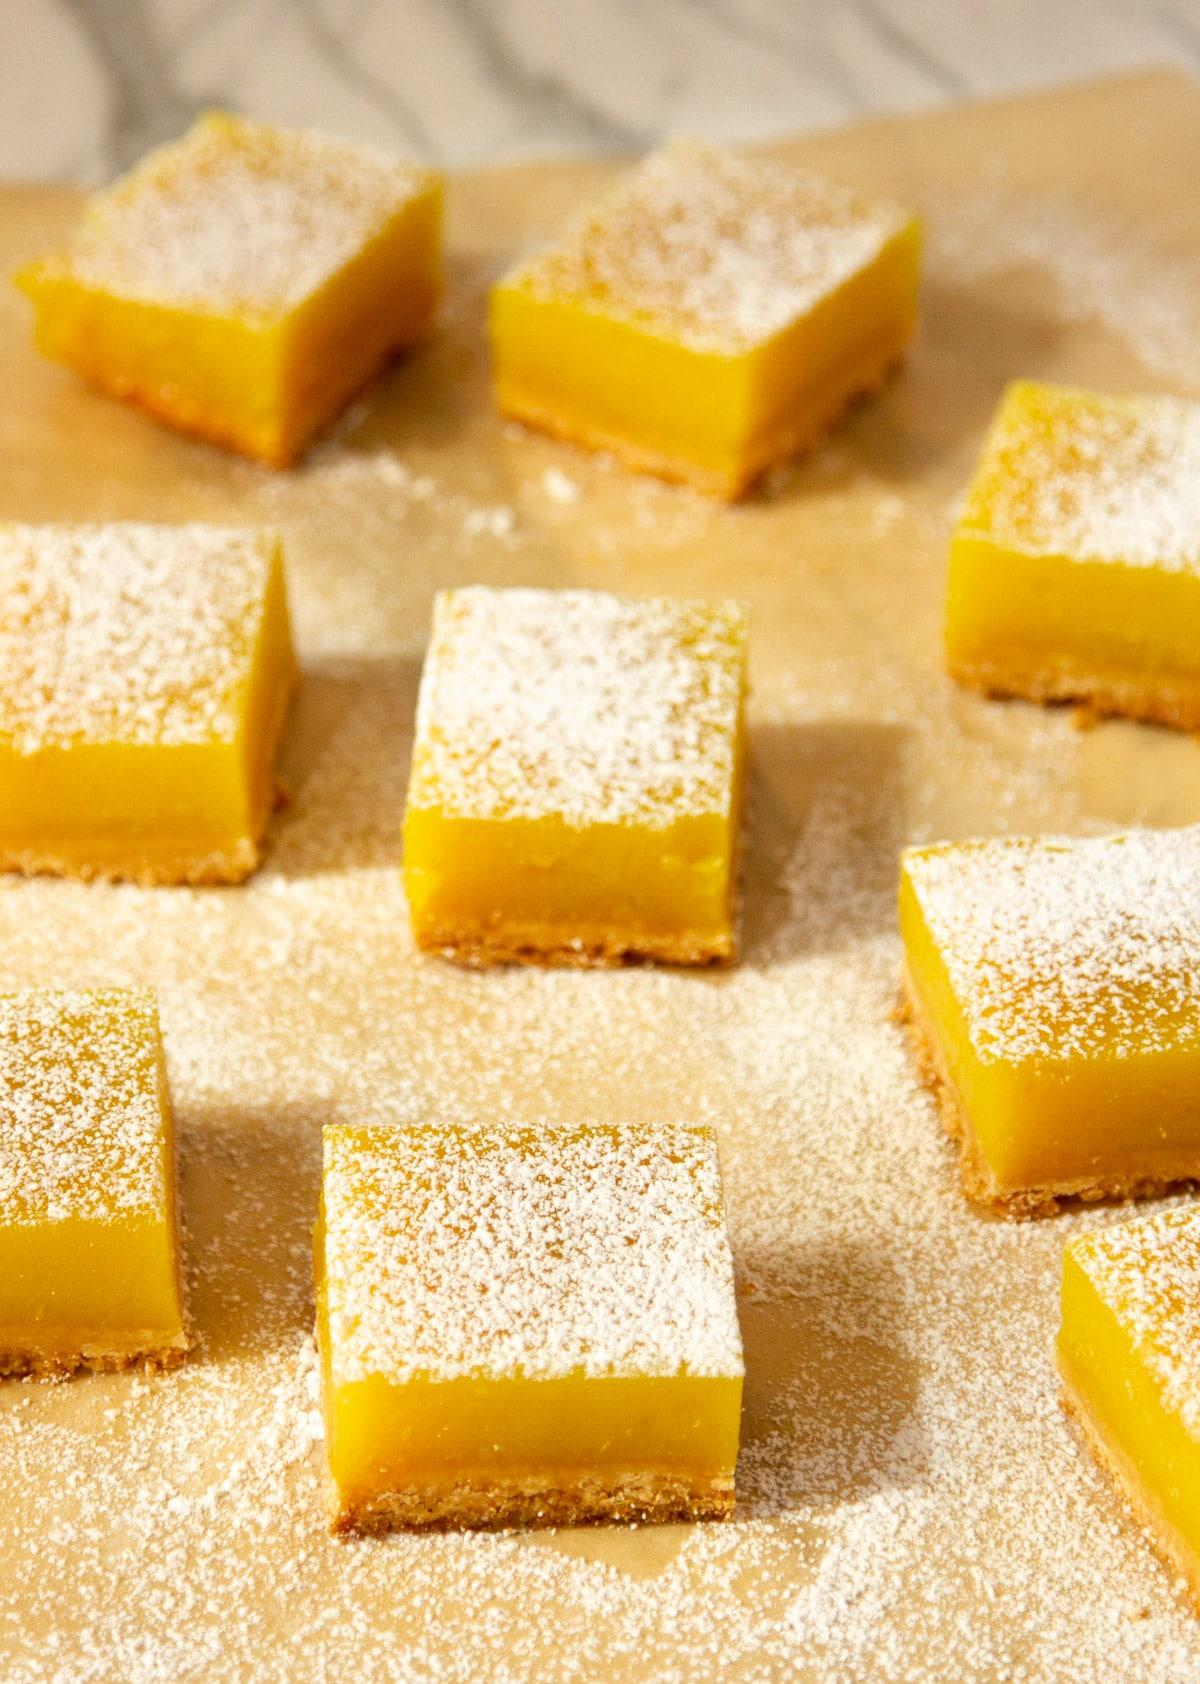 Eggless lemon bars